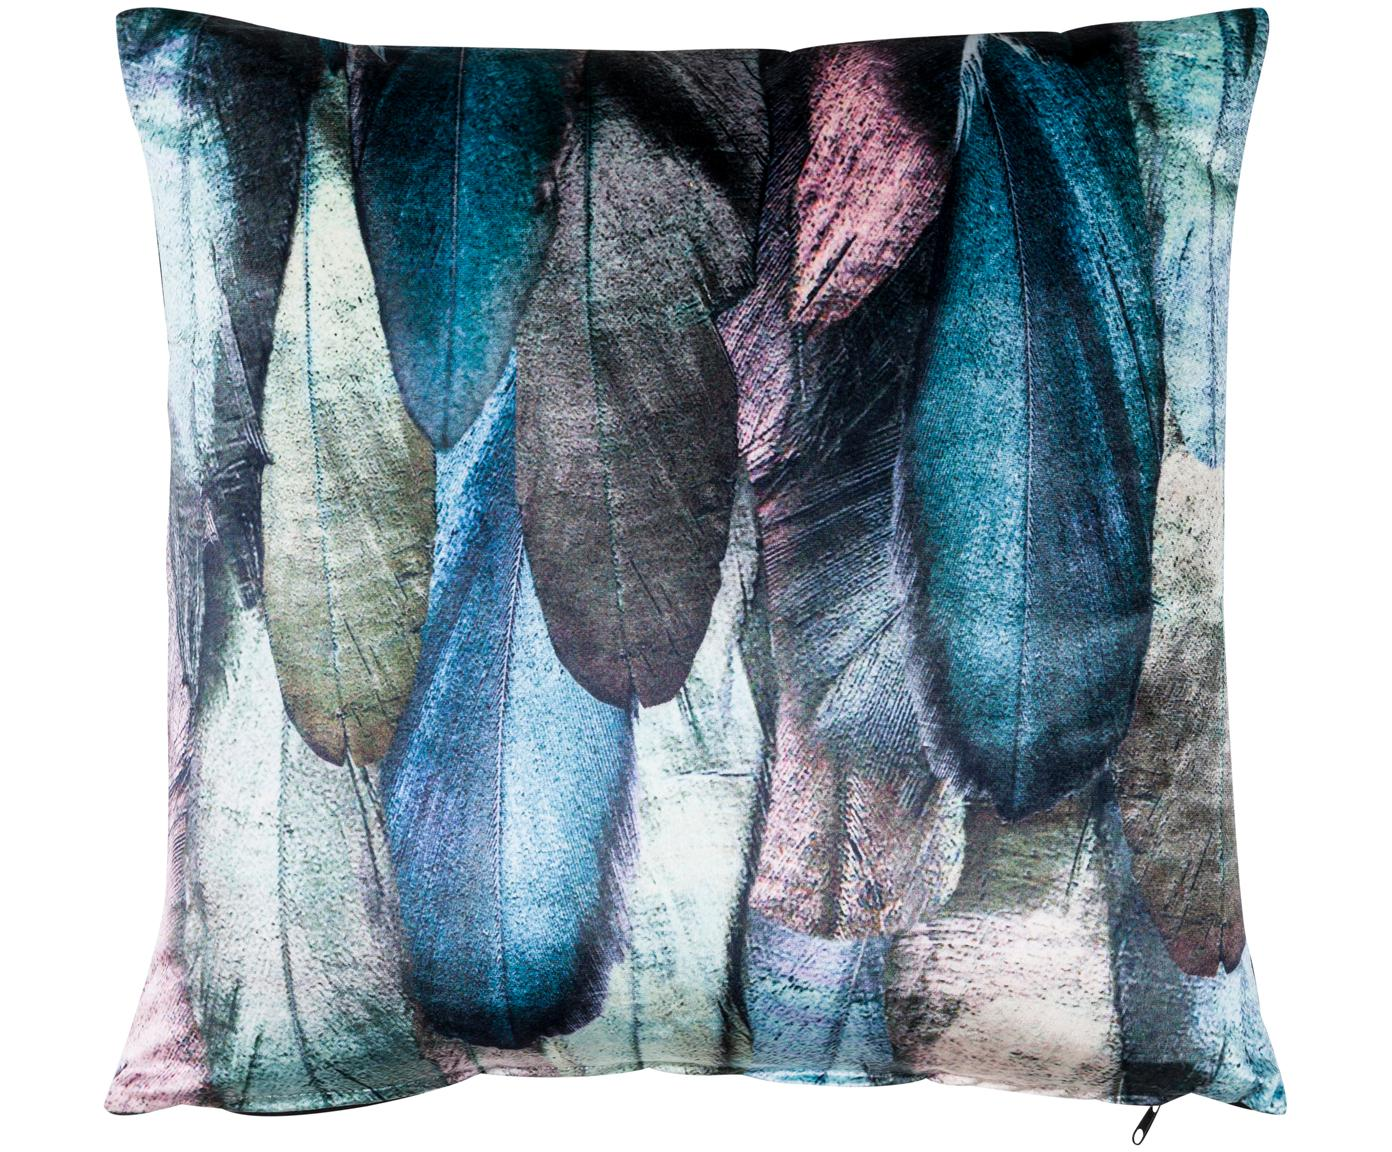 Fluwelen kussen Janeiro, Voorzijde: multicolour. Achterzijde: zwart, 50 x 50 cm